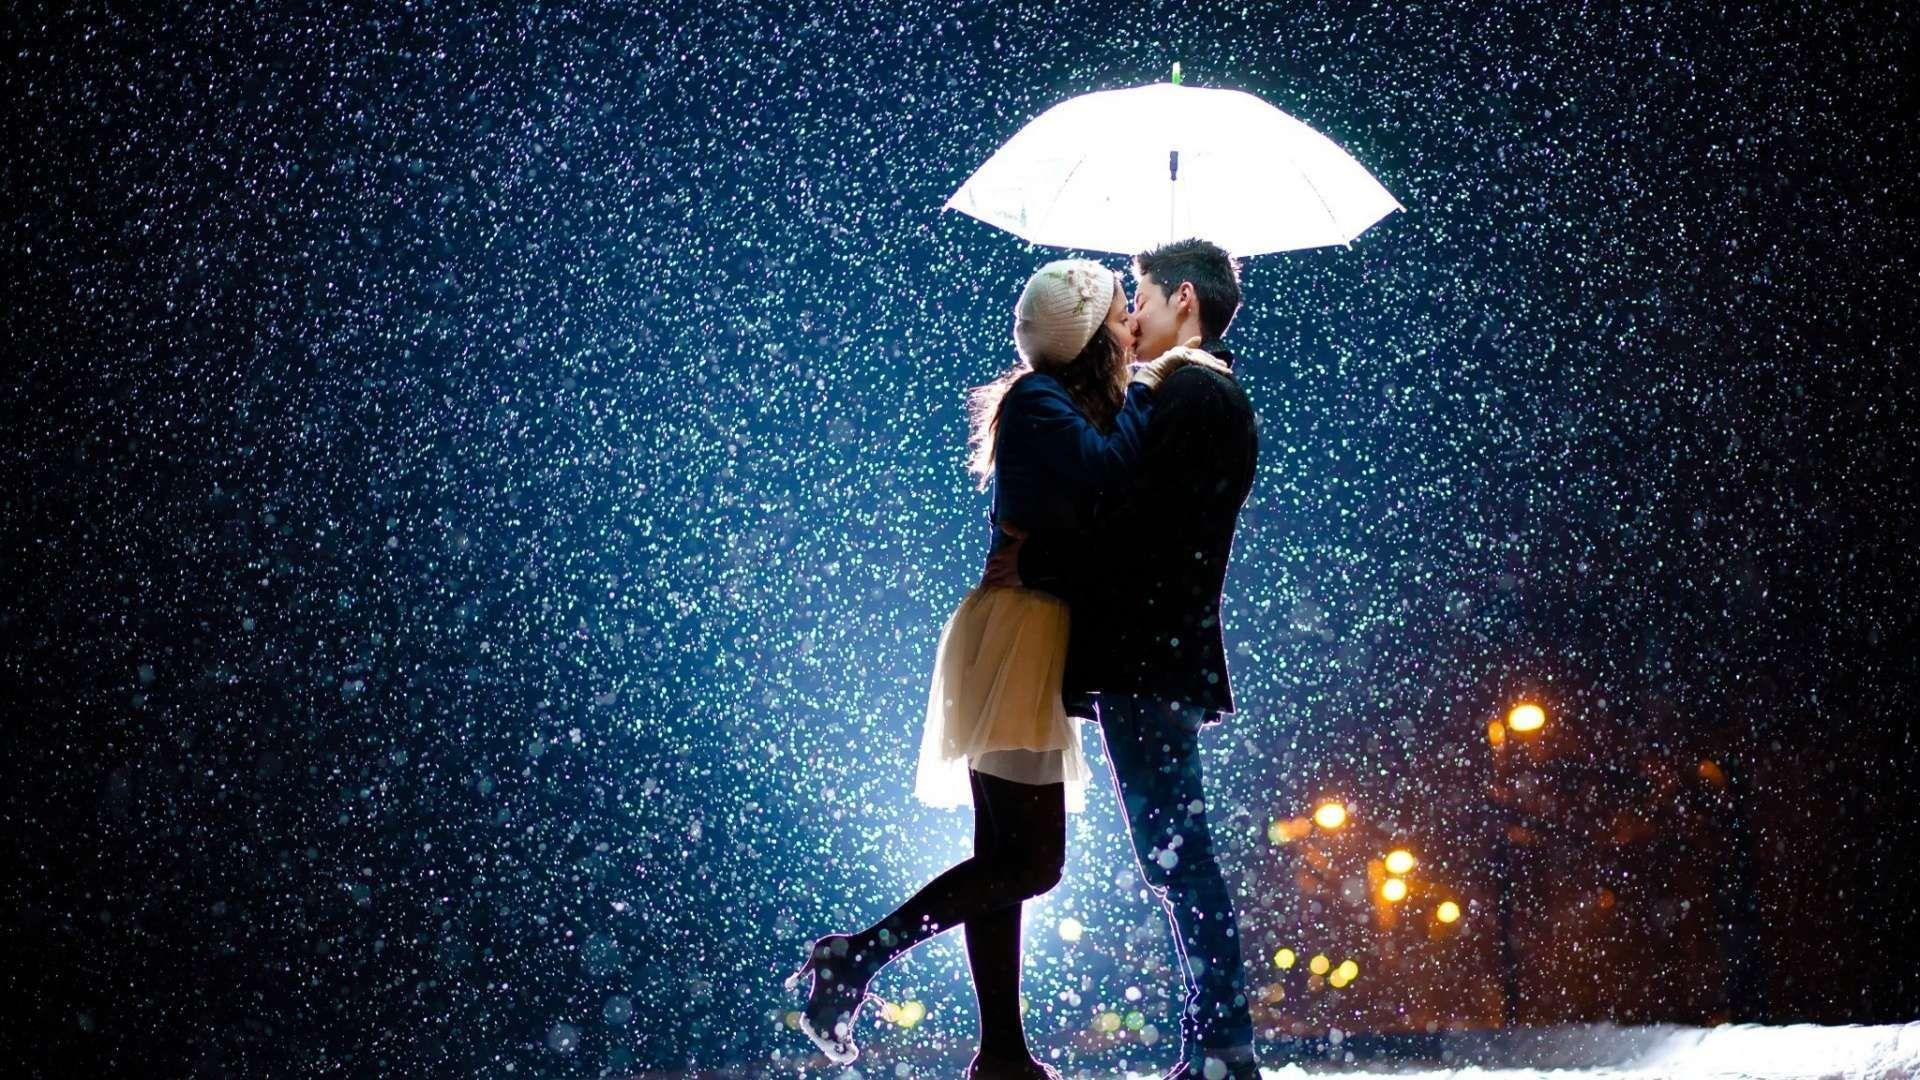 100 Wallpaper Hd Love Romantic For Mobile And Desktop: Cute Love Wallpaper Full HD Download Desktop Mobile